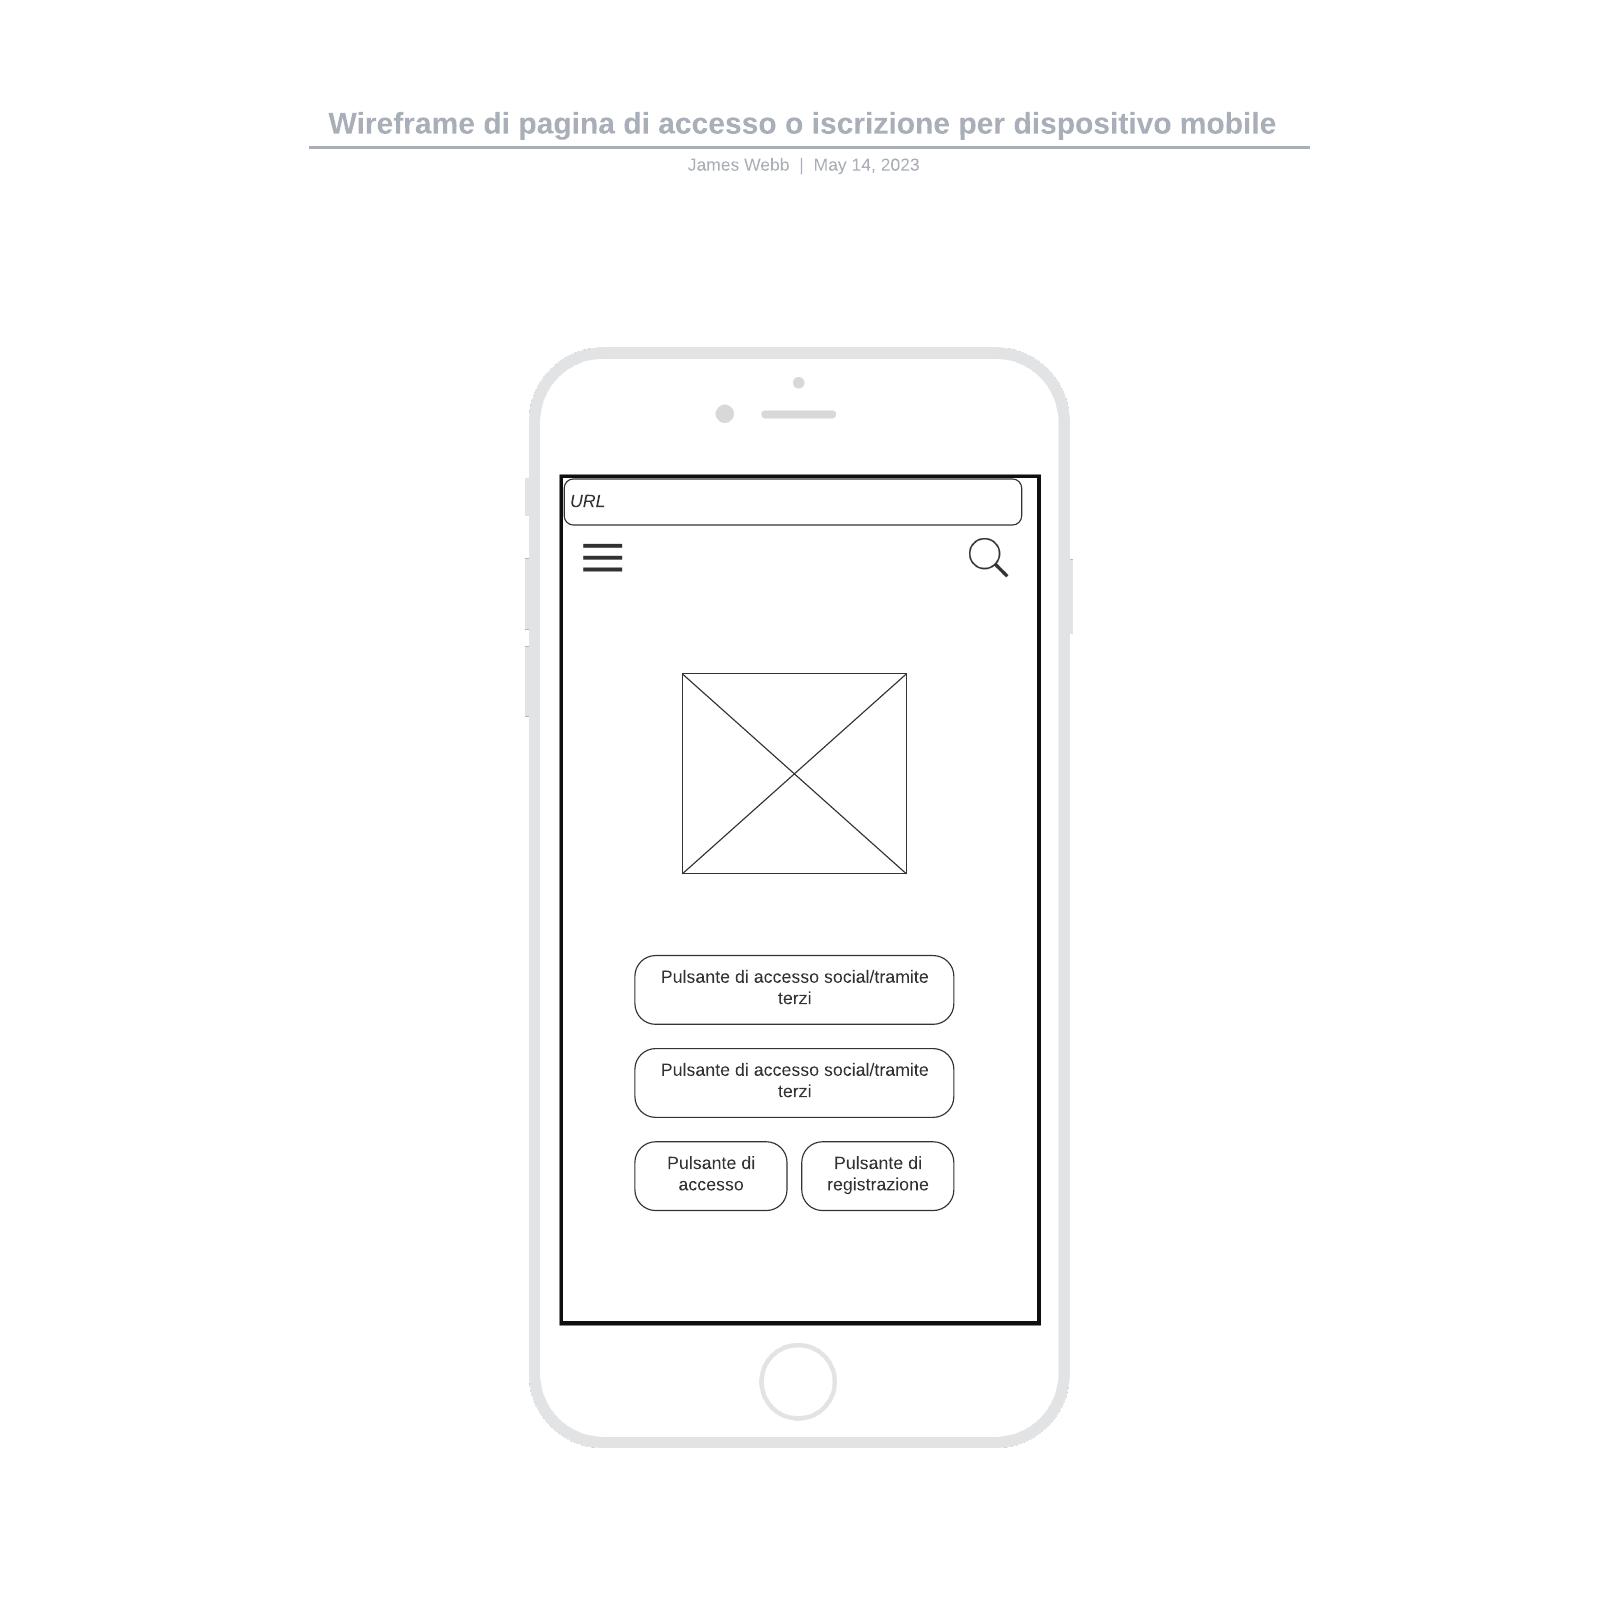 Wireframe di pagina di accesso o iscrizione per dispositivo mobile